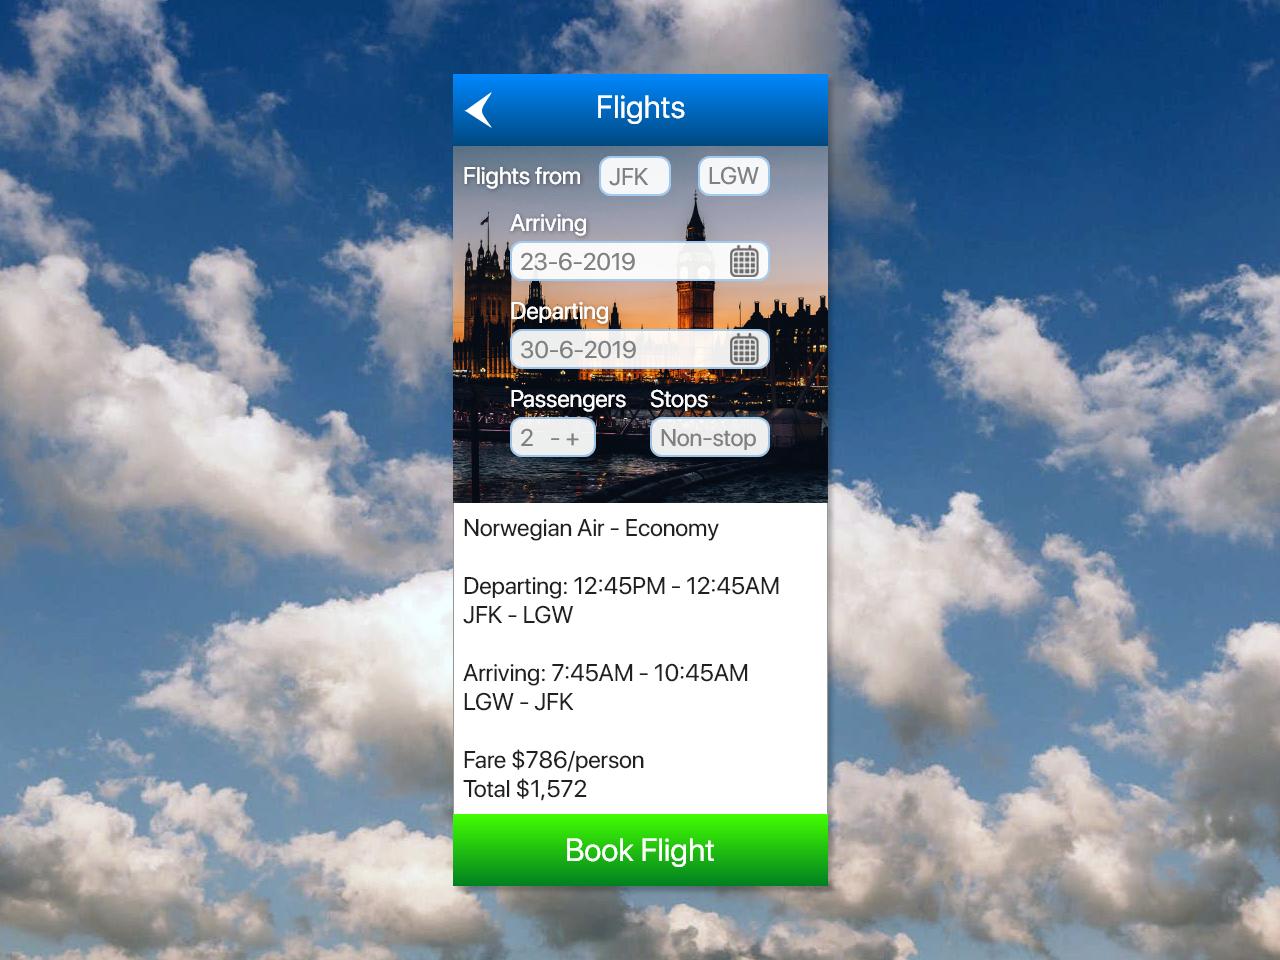 Daily UI #068 Flight Search flight booking app travel flight booking flight app flight search flights flight 68 068 dailyui